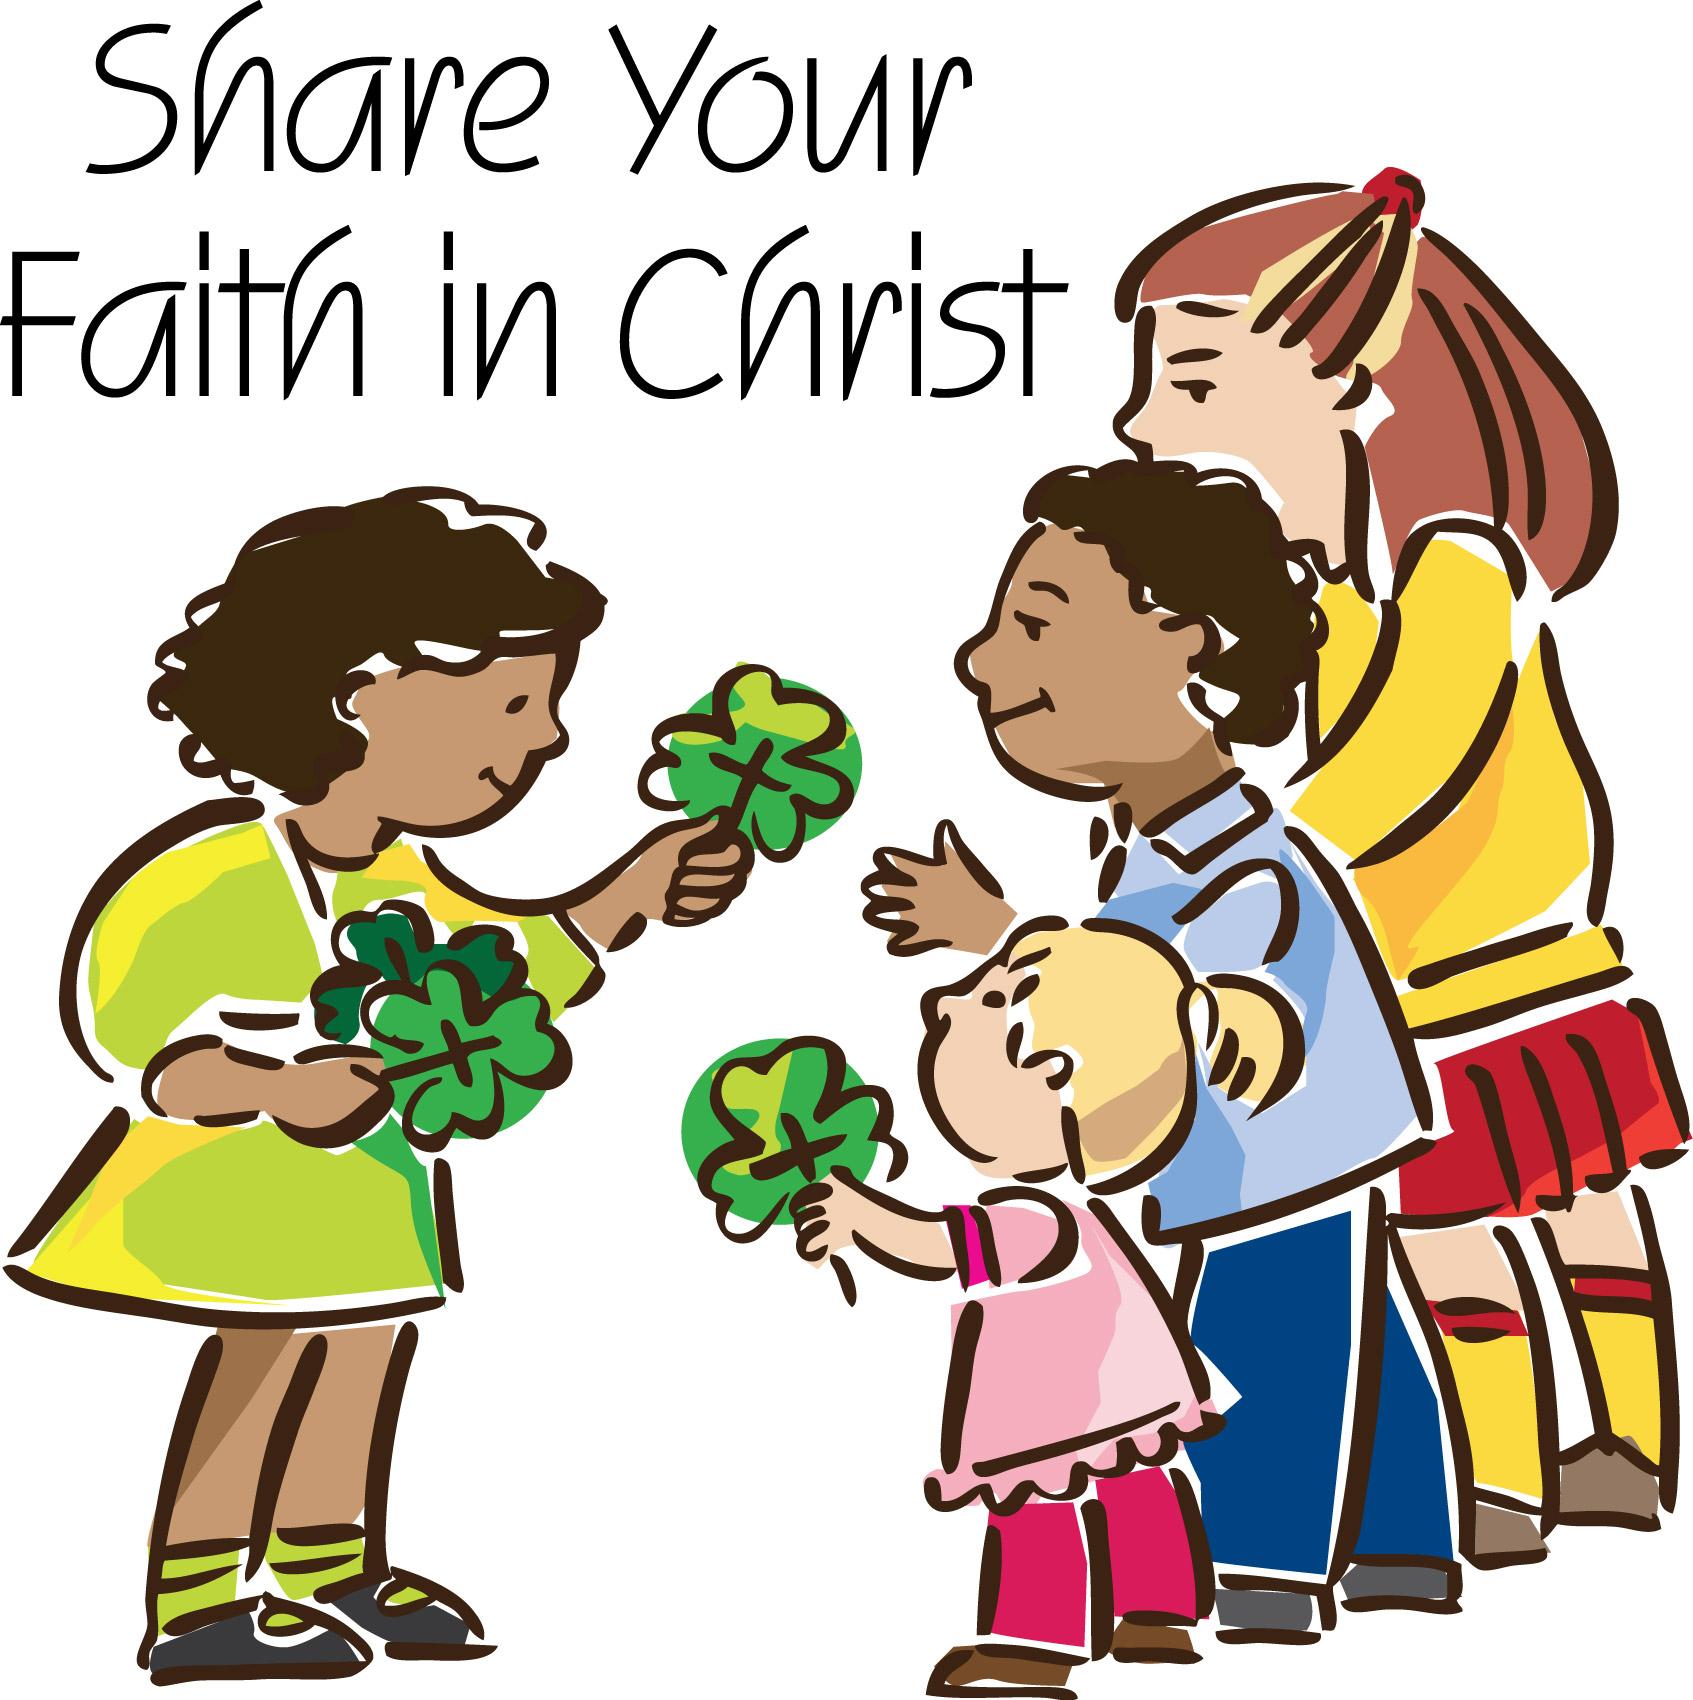 Share faith clipart 3